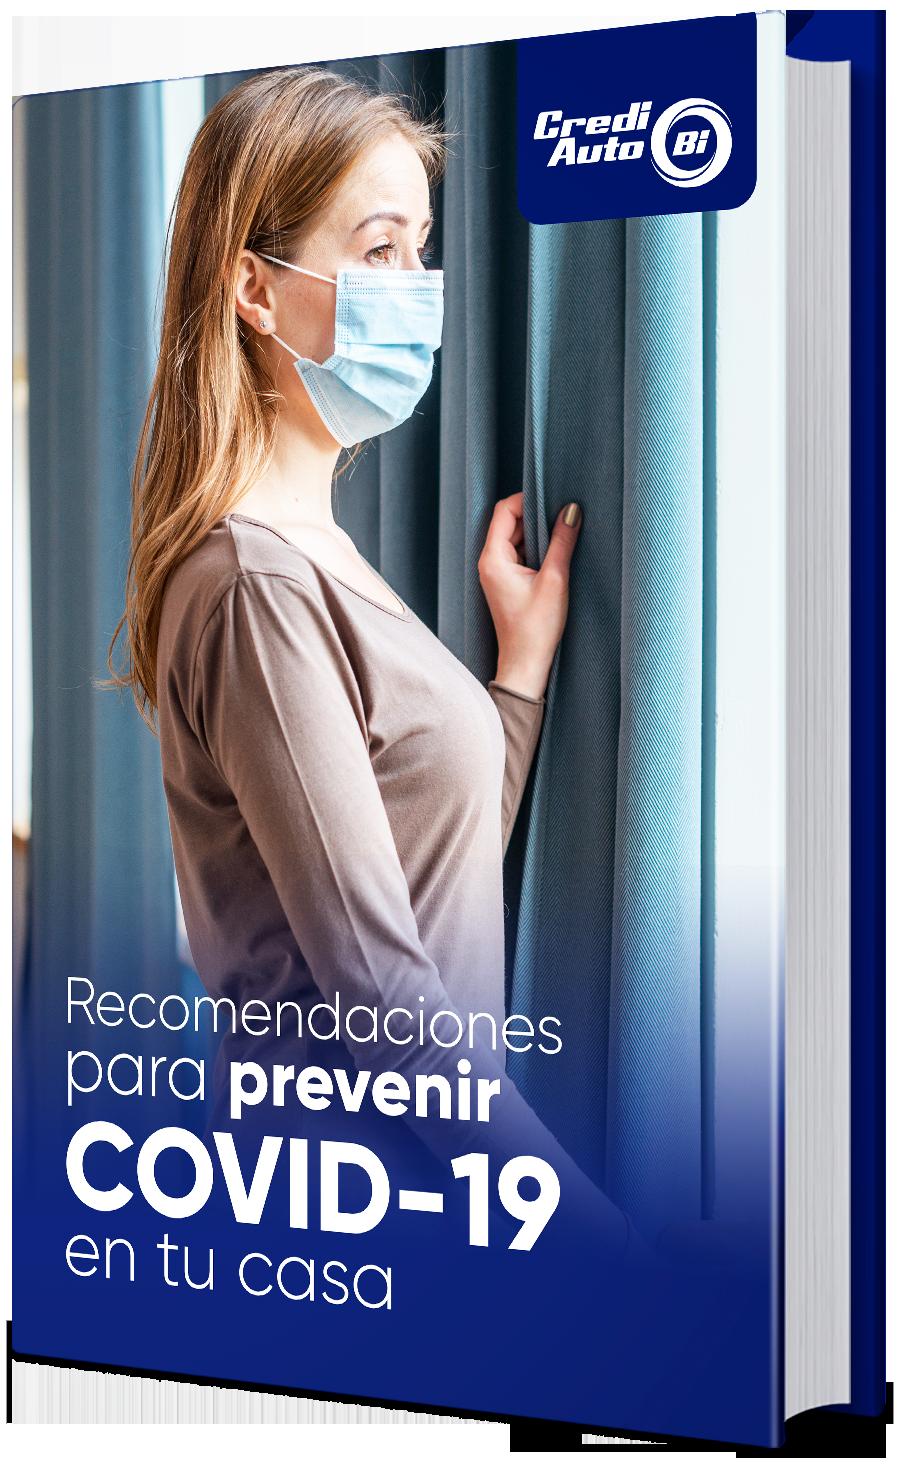 Guía de recomendaciones para prevenir COVID-19 en tu casa